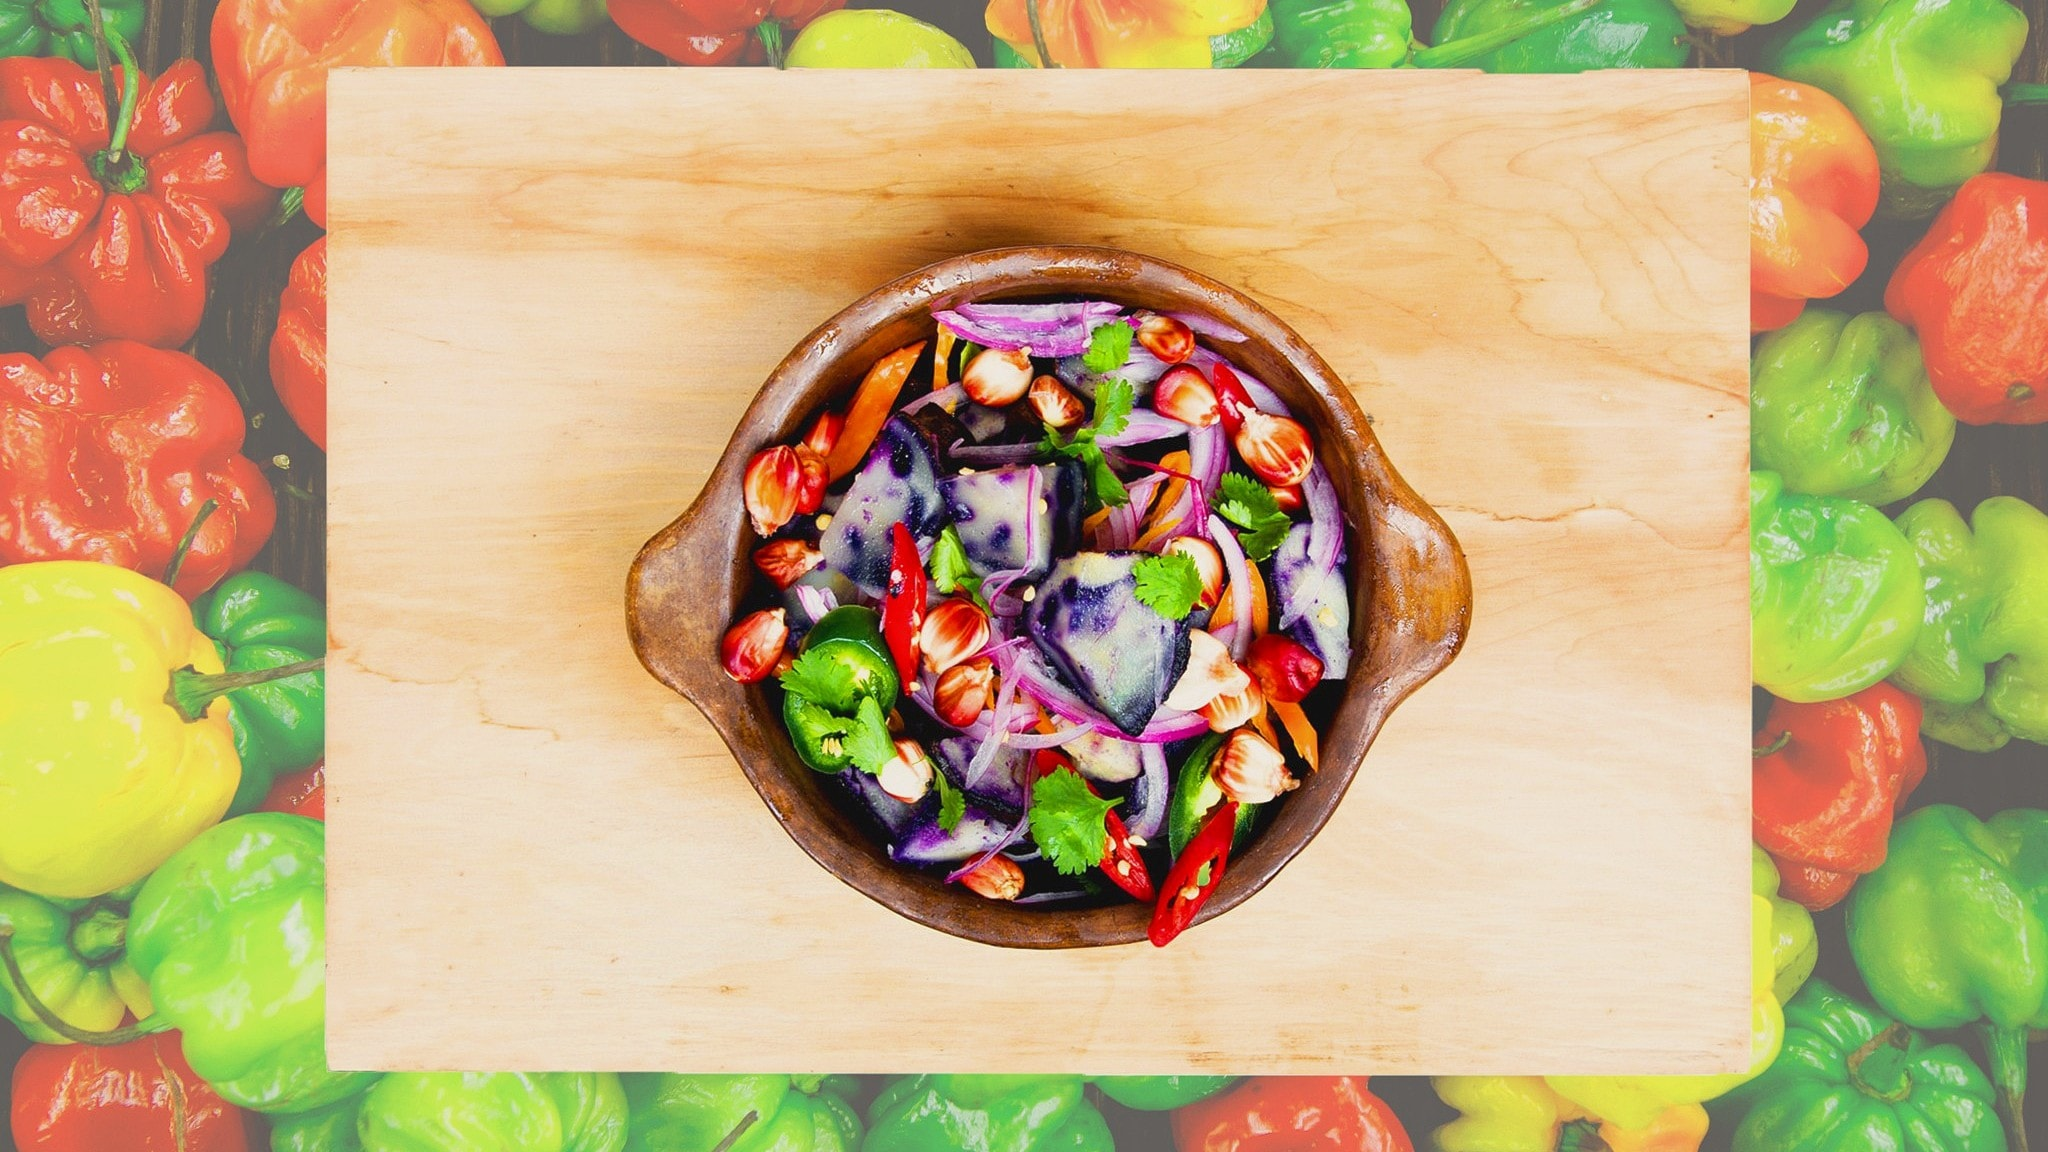 Habanero-tausta ja chilisalaattia kulhossa